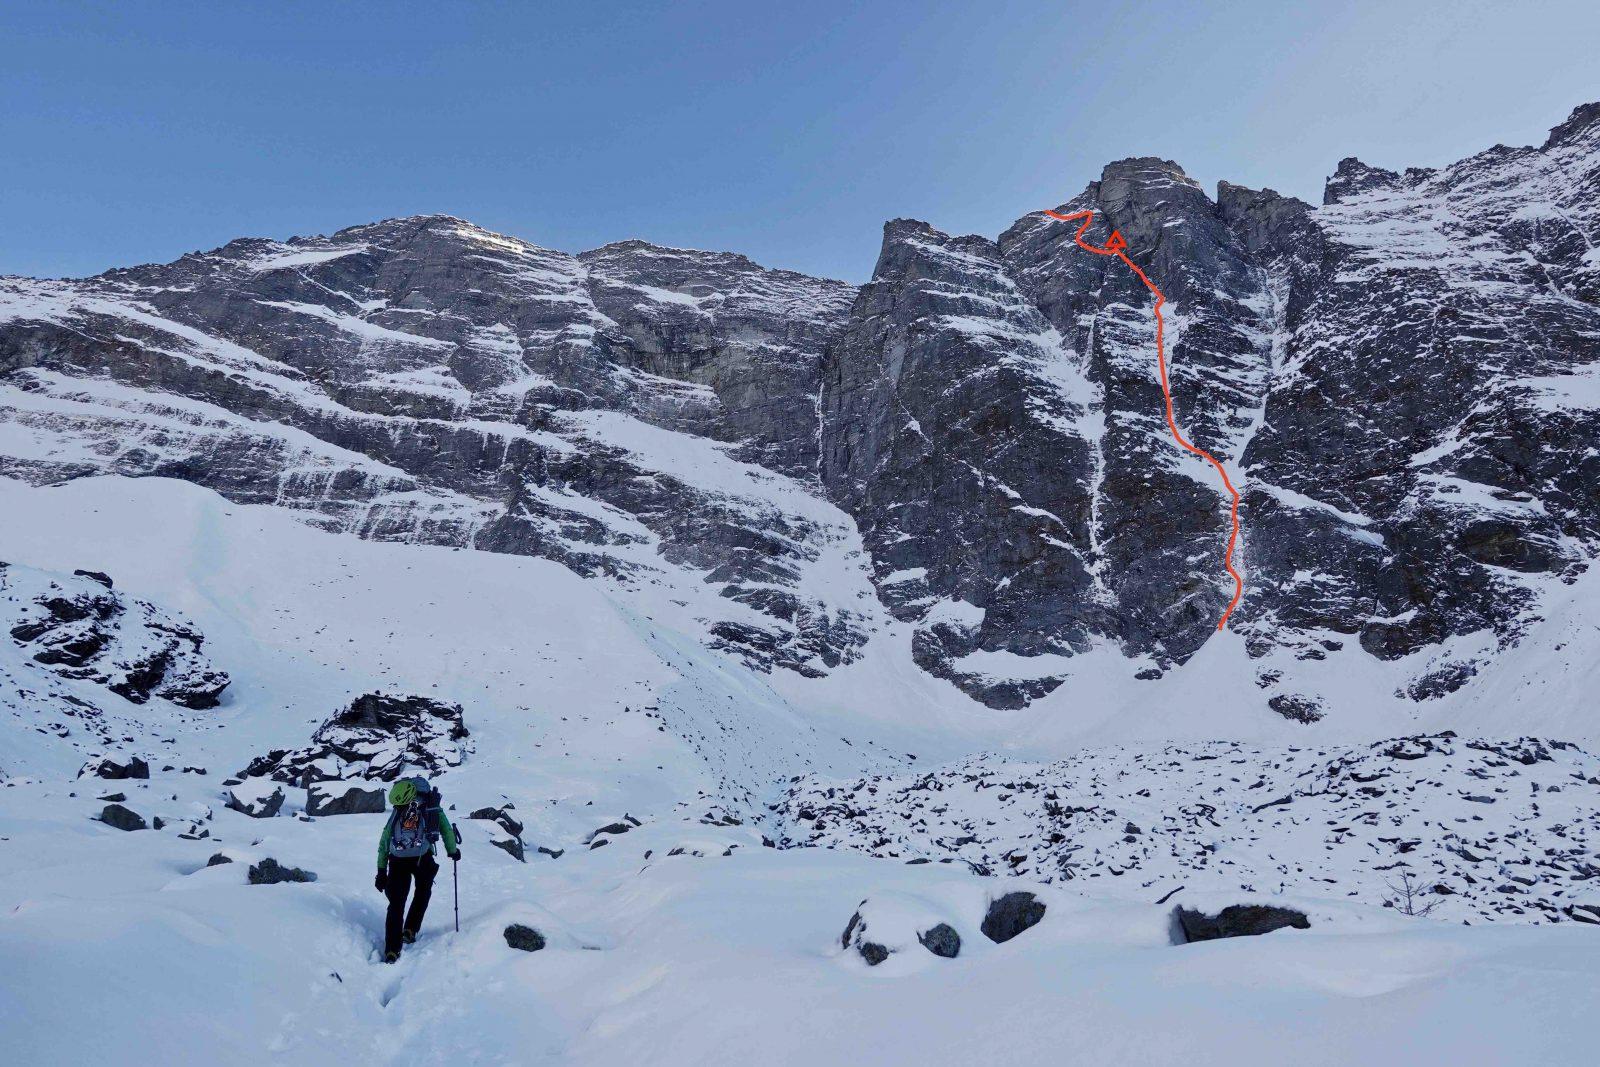 Sagwand-Nordwand Sagwand-Nordwand mit eingezeichneter Route und Biwak, Foto: Ines Papert und Luka Lindič |Climbers Paradise